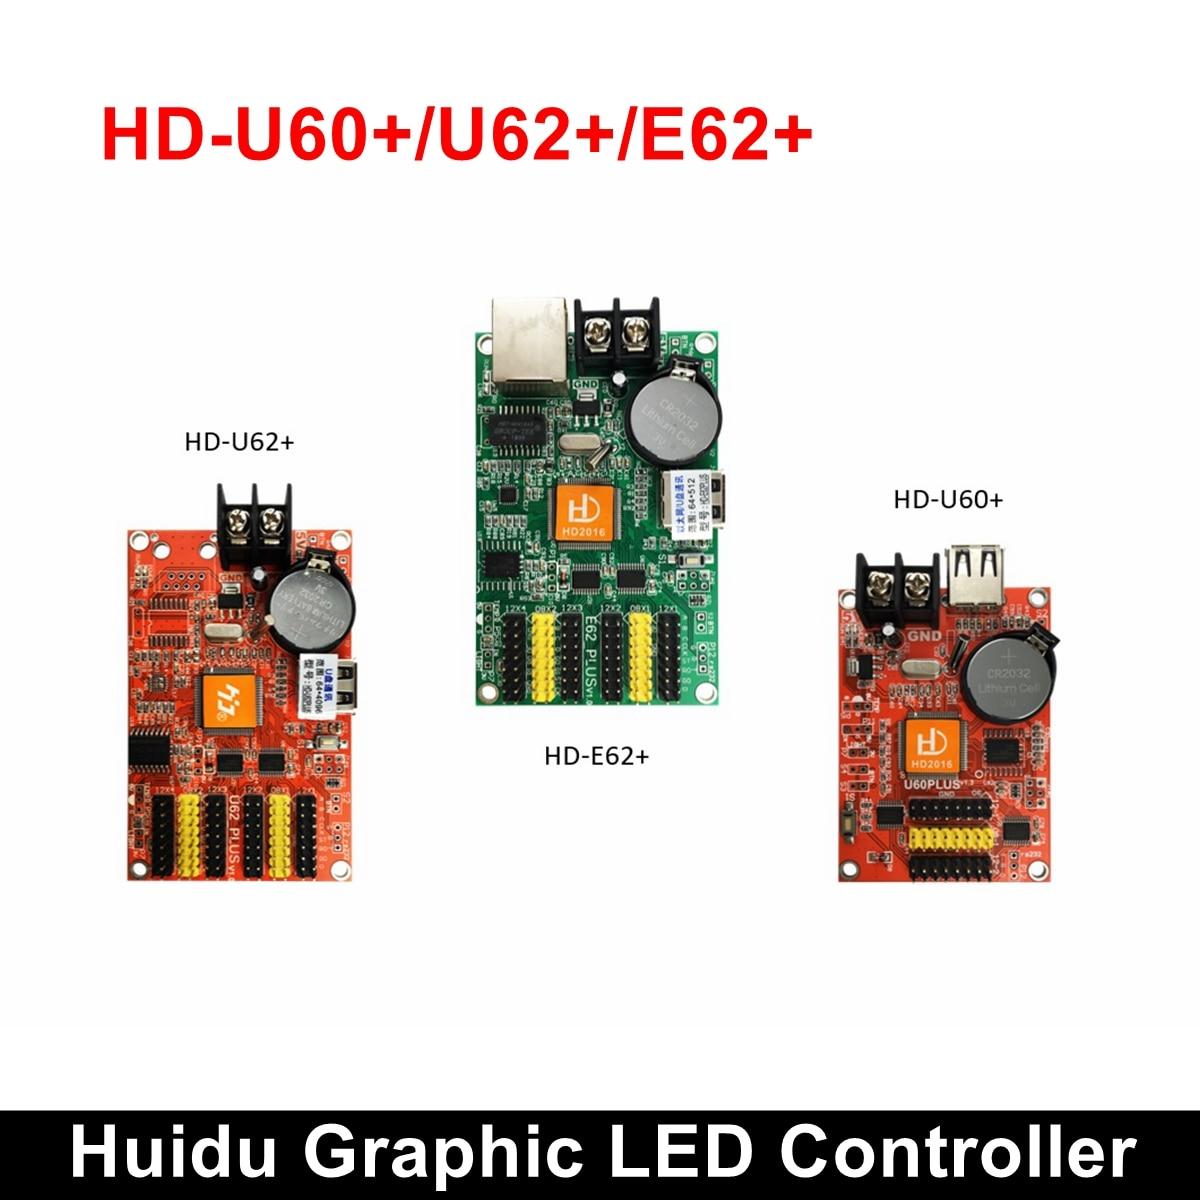 HD-U60+/U62+/E62+ Huidu Single / Dual Color Graphic LED Controller , HD-U60-75 Full Color Graphic LED Control  Card